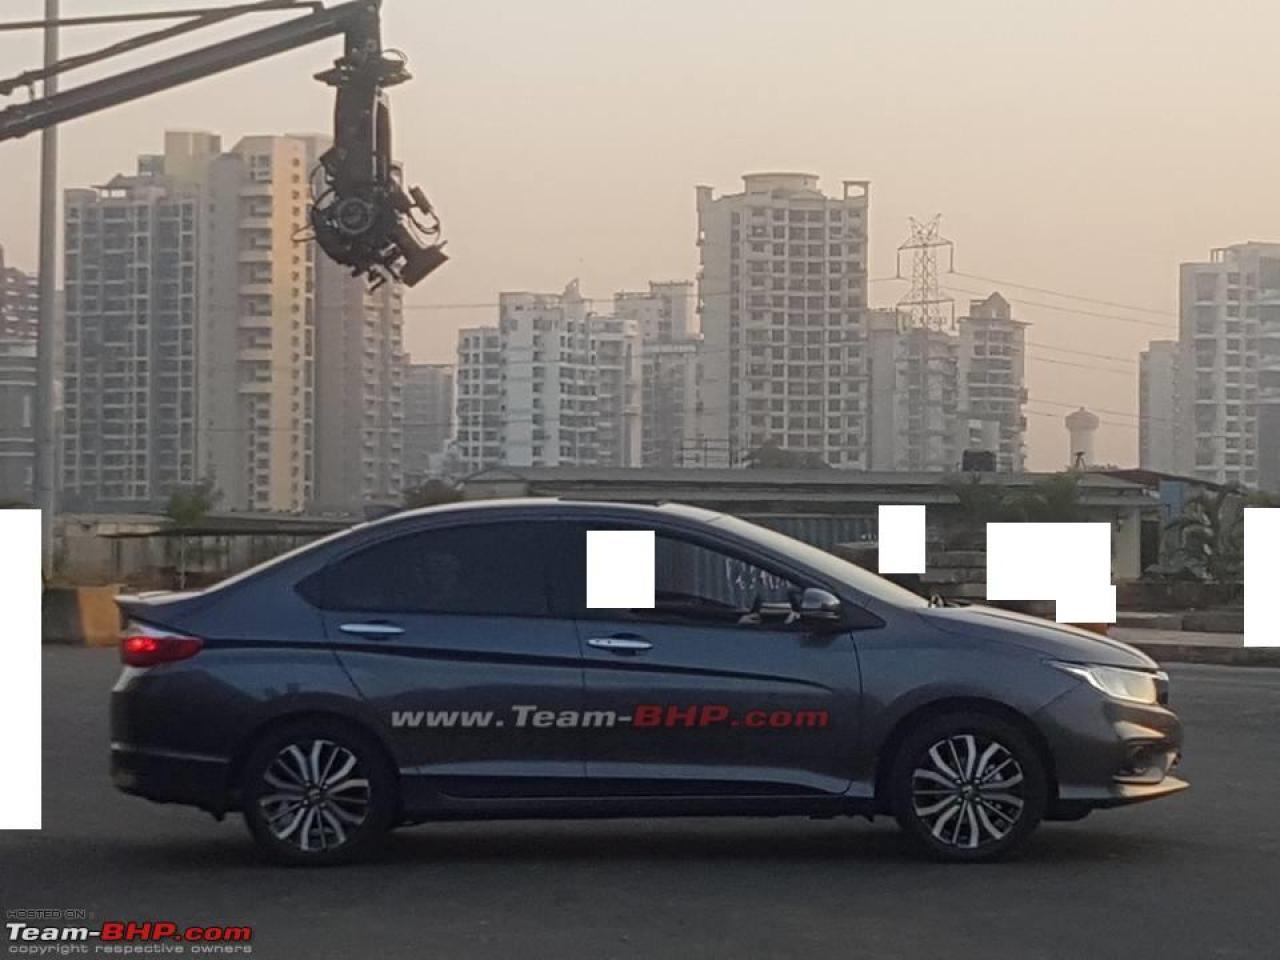 new honda city 2017 teaser image